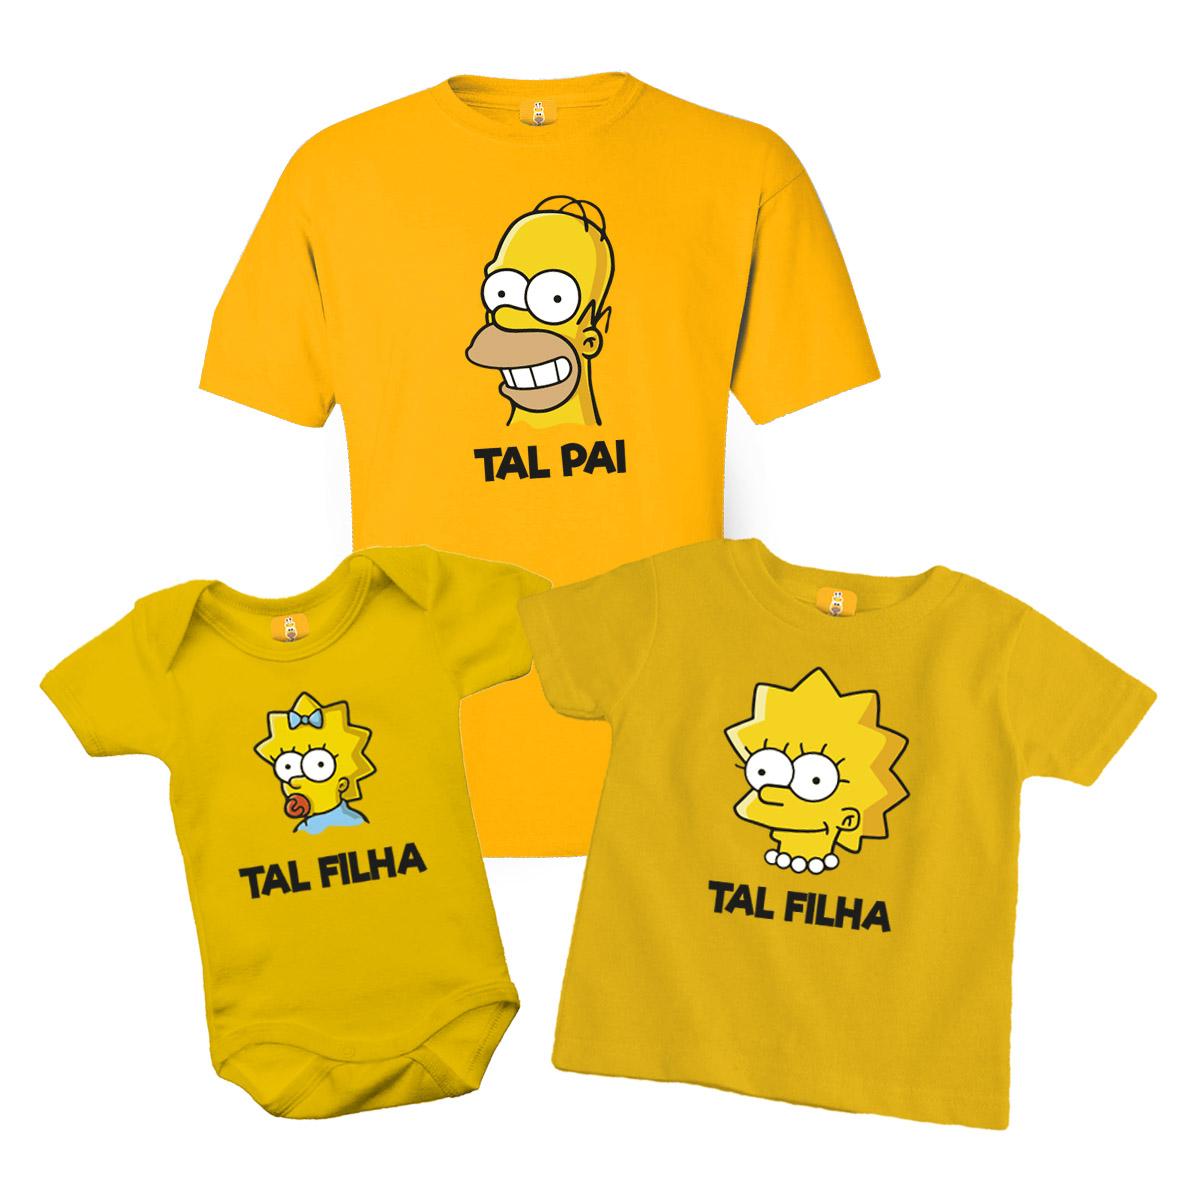 Kit Camiseta e Body - Tal Pai Tal Filha - Simpsons Lisa e Meg